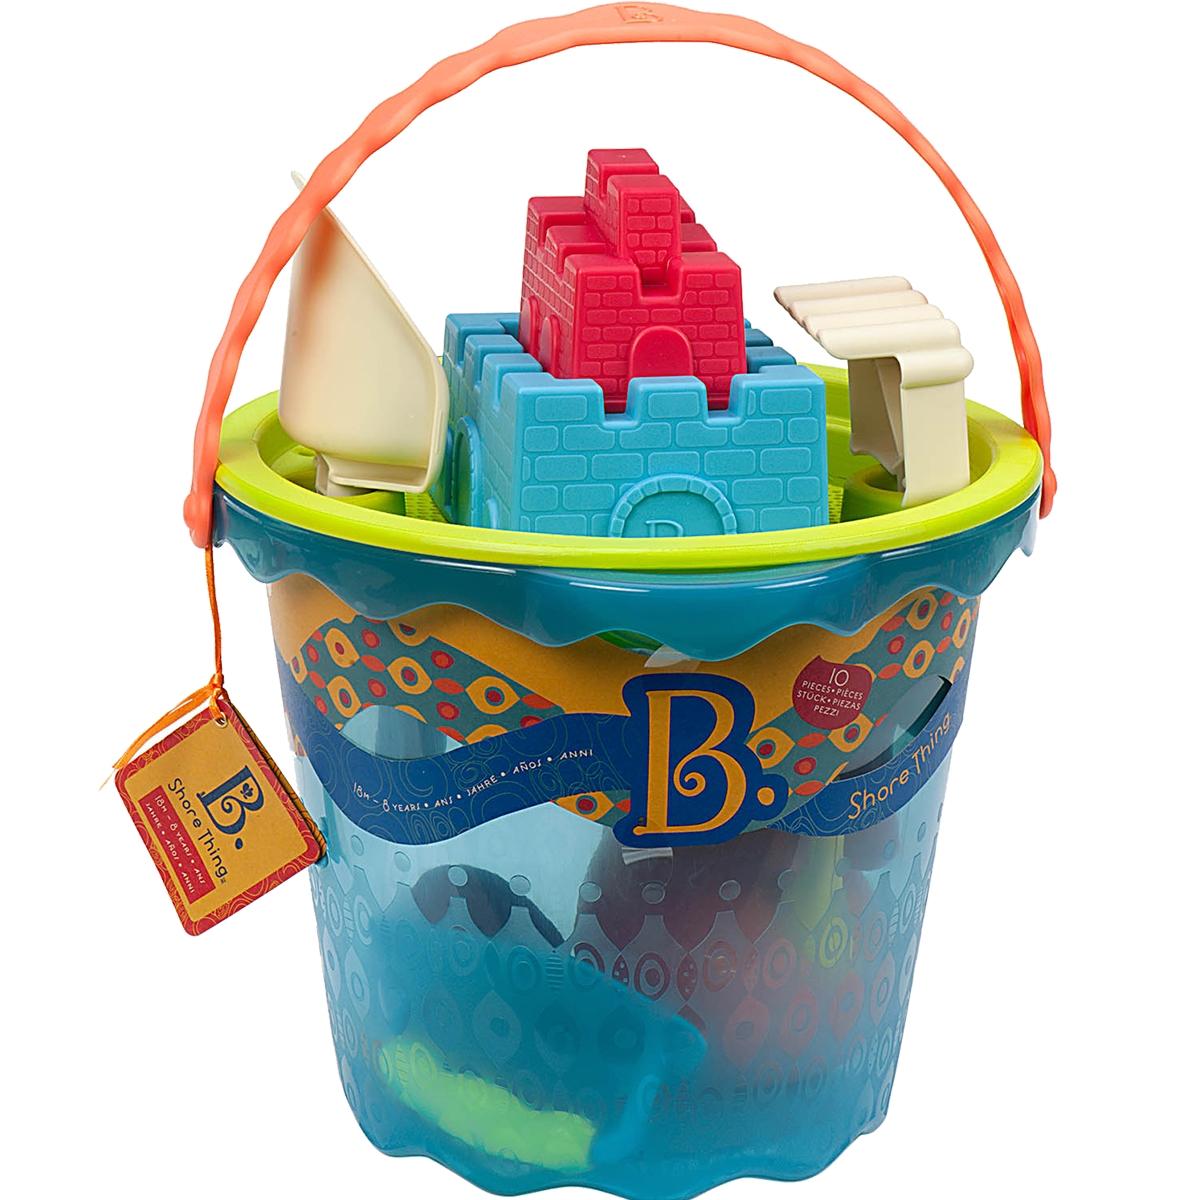 B. SummerВедерко большое и игровой набор для песка Shore Thing 9 предметов B.Summer